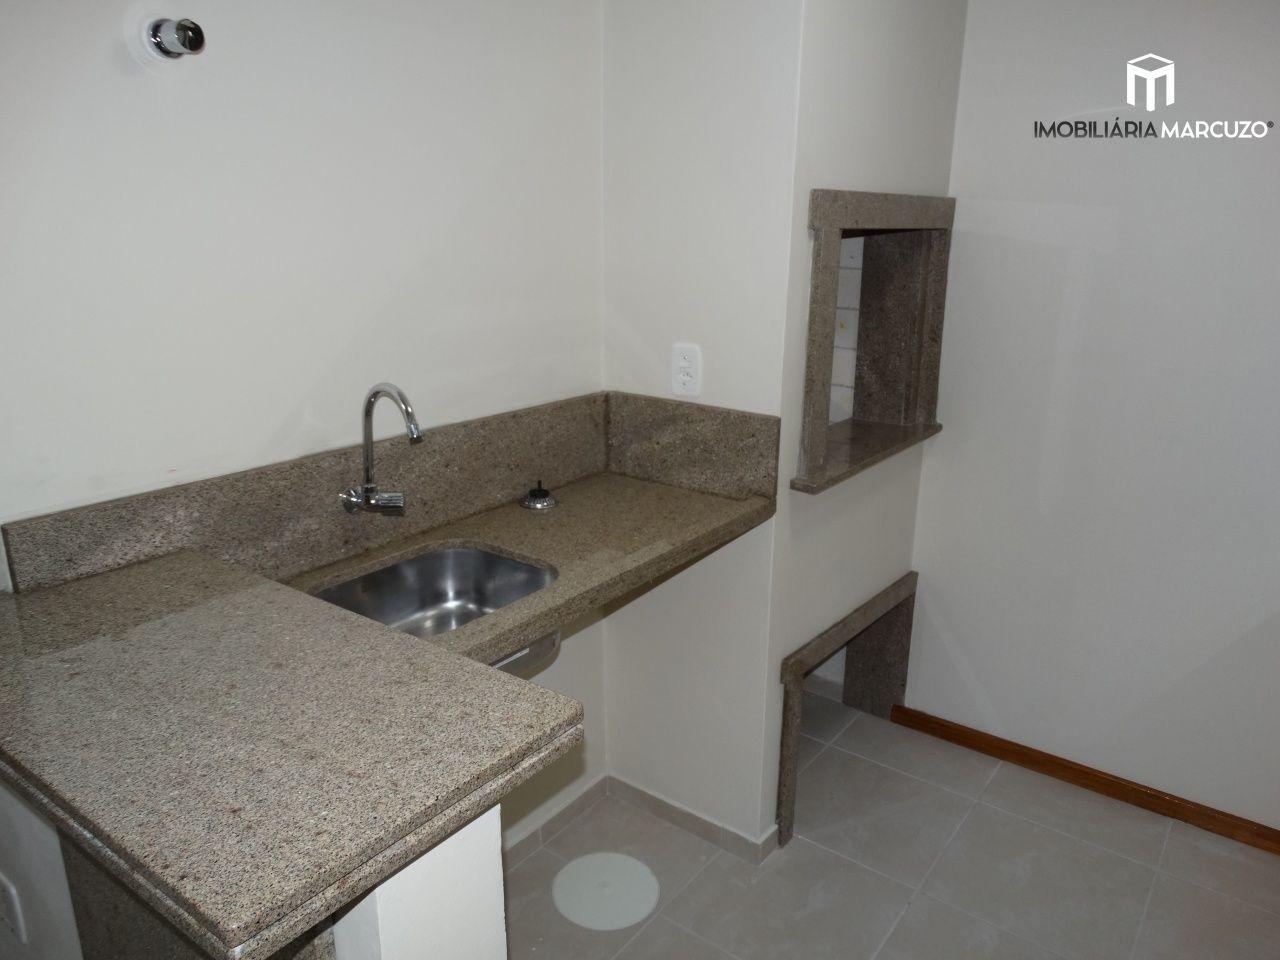 Apartamento com 1 Dormitórios à venda, 49 m² por R$ 266.000,00